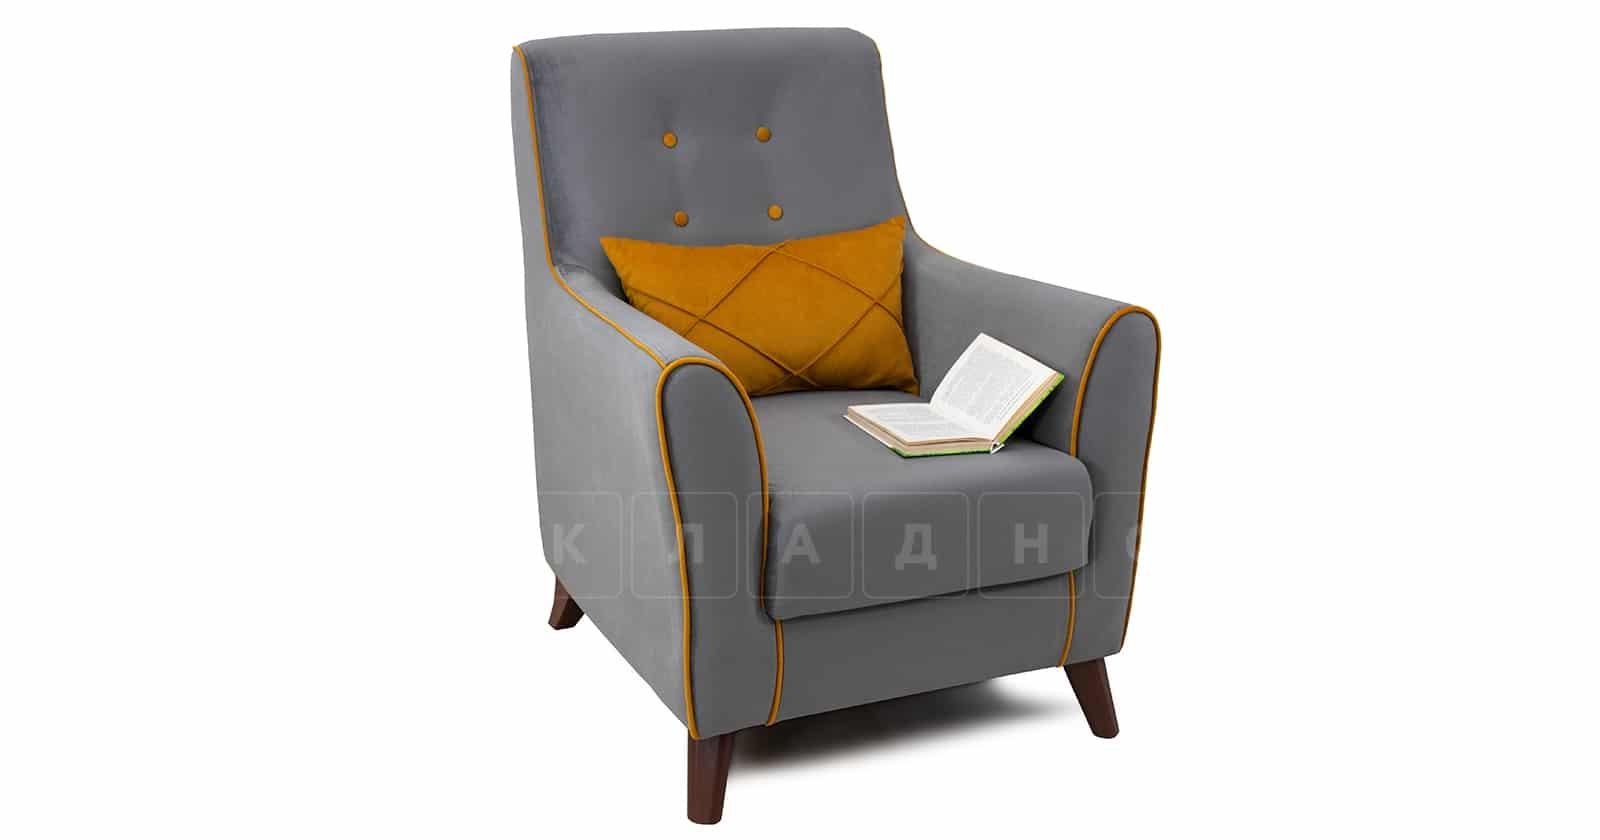 Кресло для отдыха Флэтфорд кварцевый серый фото 5   интернет-магазин Складно